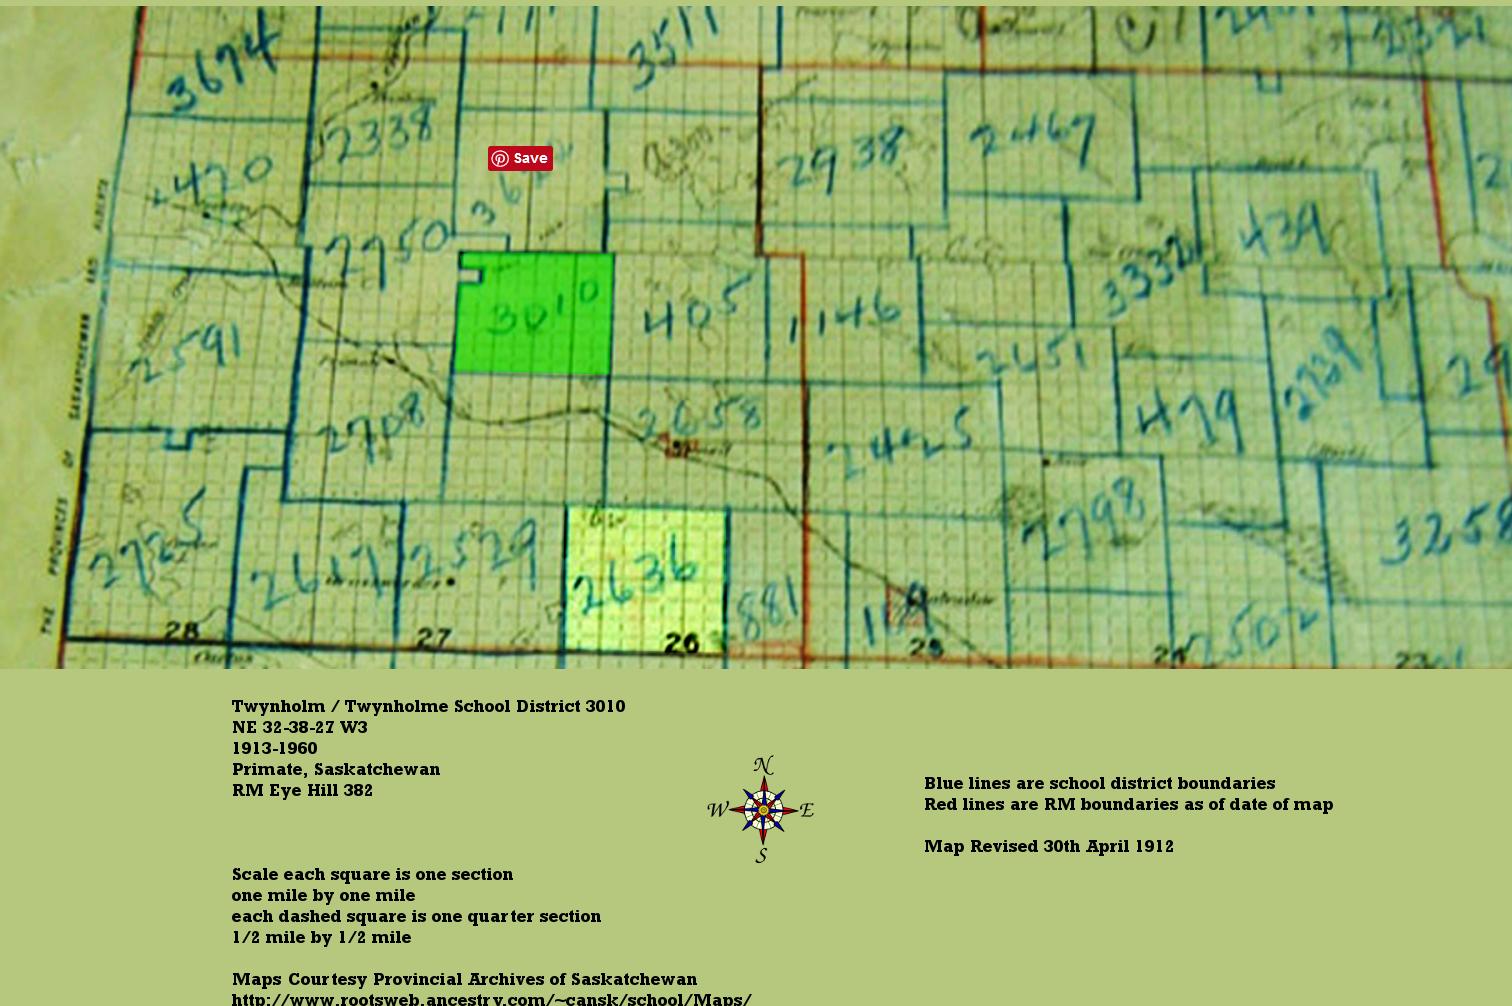 District 3010, NE 23-28-27-W3, Primate, Rm Eye Hill 382, 1913-1960,